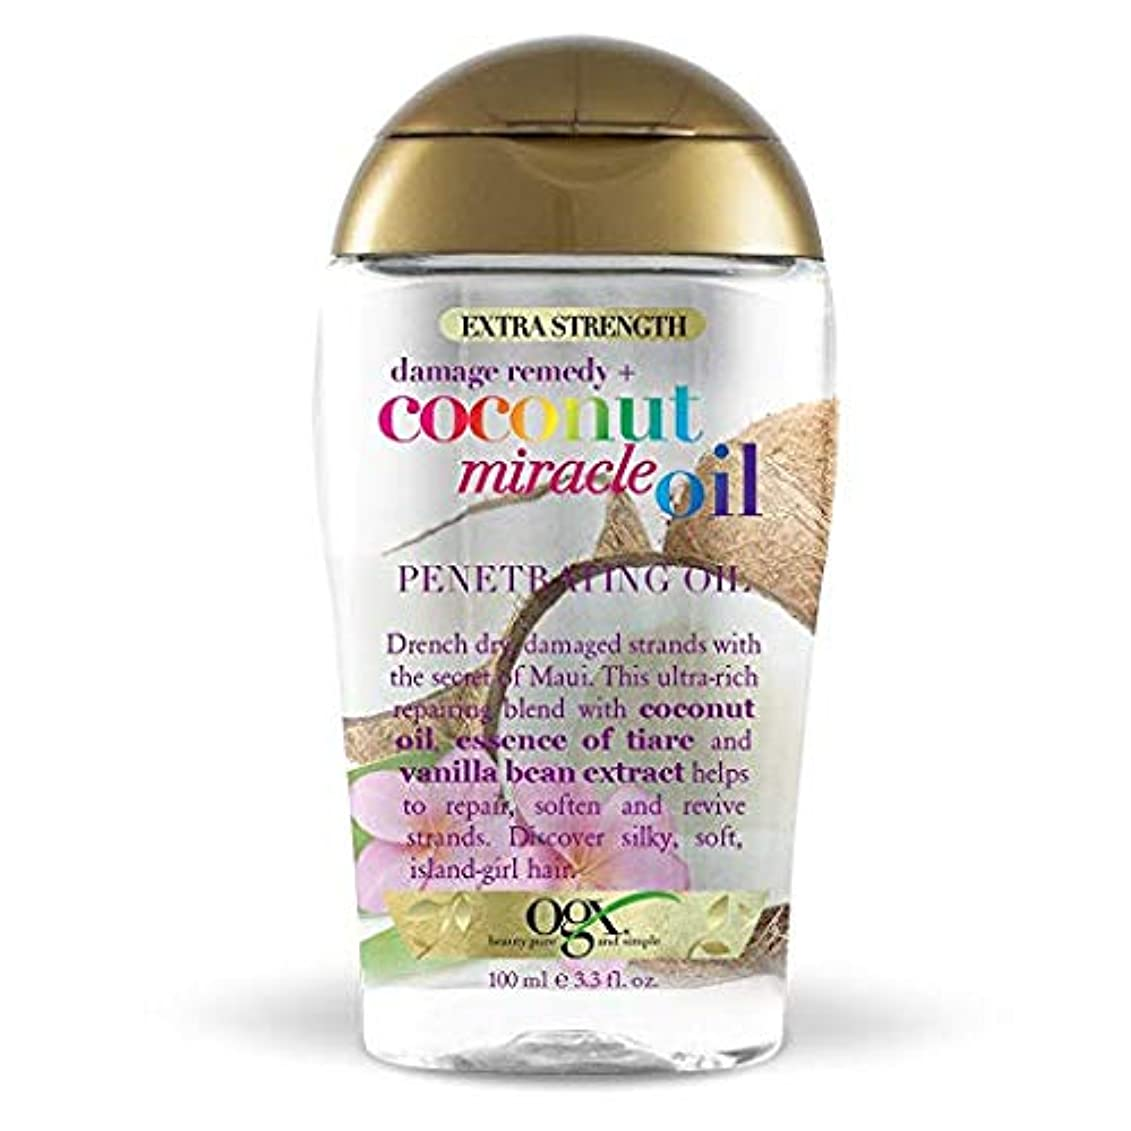 雨ファンブルいらいらさせるOgx Penetrating Oil Coconut Miracle Oil Extra Strength 3.3oz OGX ココナッツミラクルオイル エクストラストレングス ペネトレーティング オイル 100ml...